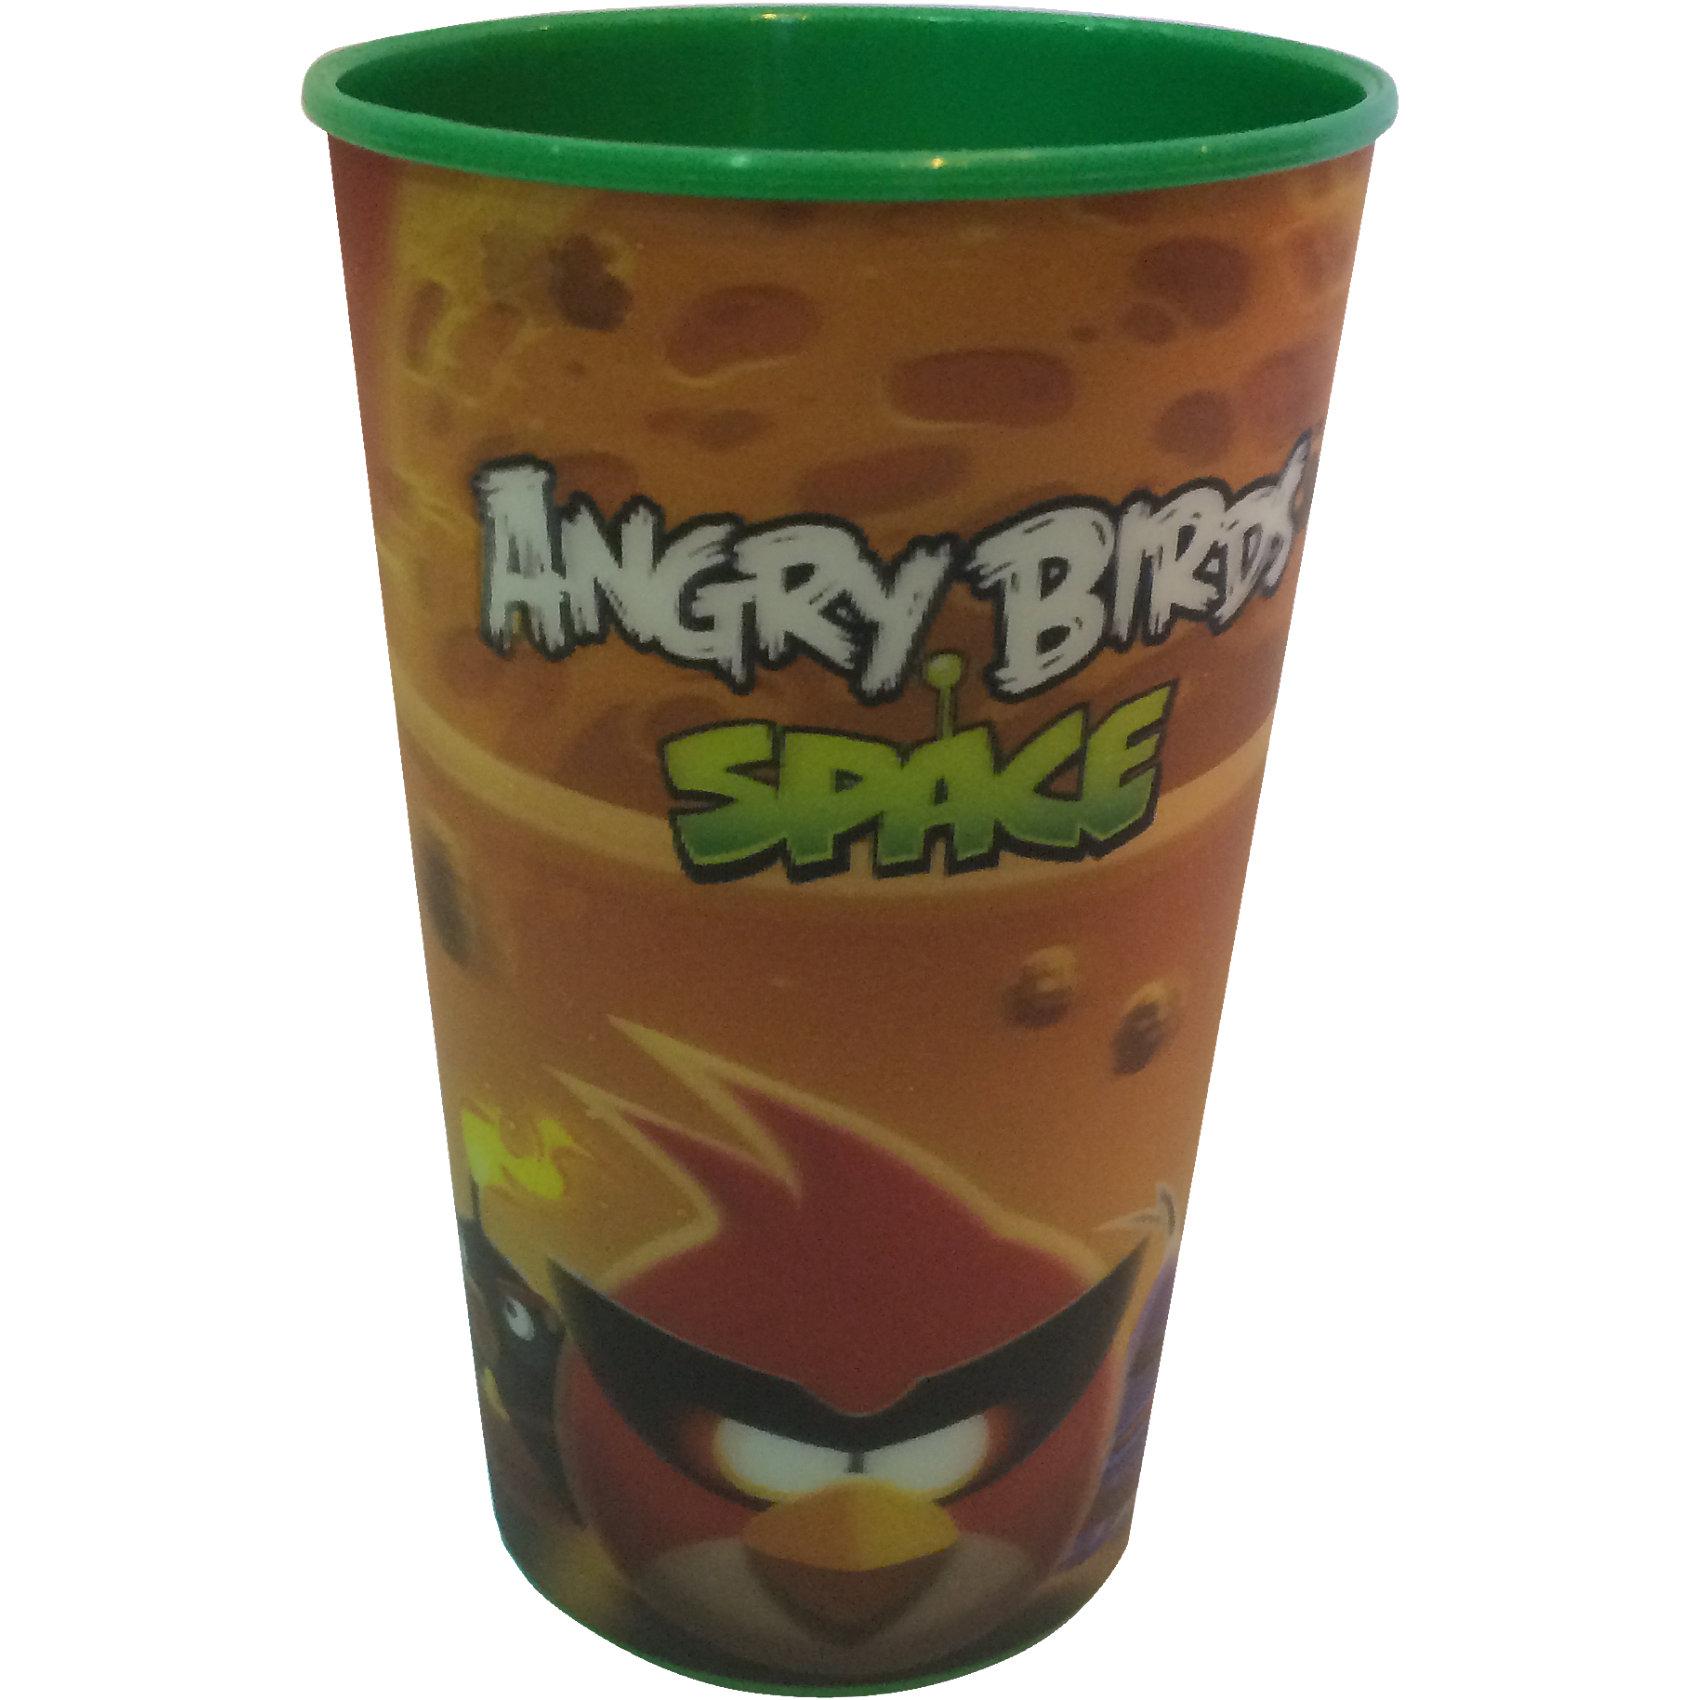 Зеленый стакан Планета, Angry BirdsОригинальный детский стакан Планета, Angry Birds, станет приятным сюрпризом для Вашего ребенка и отлично подойдет для повседневного использования. Стакан выполнен в ярком красочном дизайне в стиле популярной компьютерной игры Энгри Бердс и украшен изображениями знакомых персонажей - забавных птичек.  Материал представляет собой качественный пищевой пластик, не вызывающий аллергии и безопасный для детского здоровья. <br><br>Дополнительная информация:<br><br>- Материал: пластик.<br>- Объем: 250 мл.<br>- Размер: 9 х 9 х 11 см.<br>- Вес: 50 гр.<br><br>Зеленый стакан Планета, Angry Birds, можно купить в нашем интернет-магазине.<br><br>Ширина мм: 90<br>Глубина мм: 90<br>Высота мм: 110<br>Вес г: 50<br>Возраст от месяцев: 36<br>Возраст до месяцев: 192<br>Пол: Унисекс<br>Возраст: Детский<br>SKU: 4093873